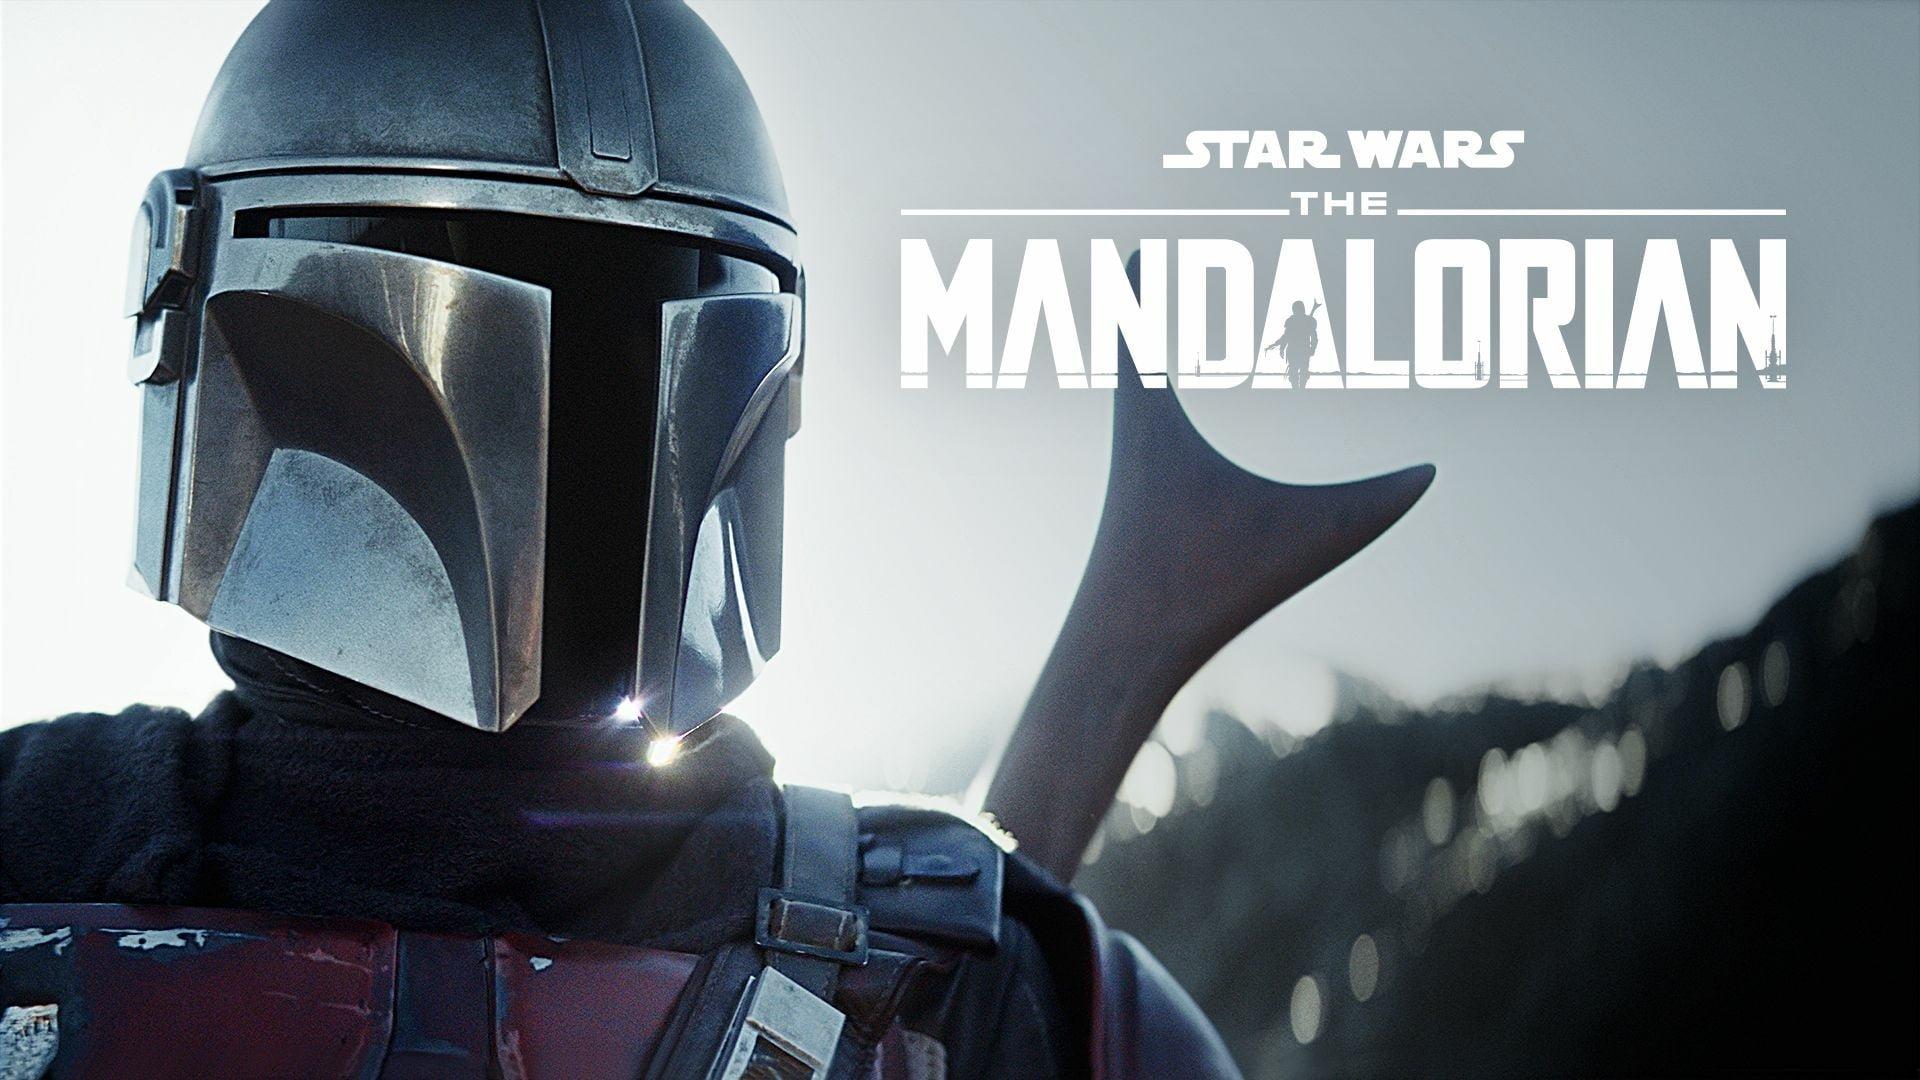 The Mandalorian wallpaper photo full hd